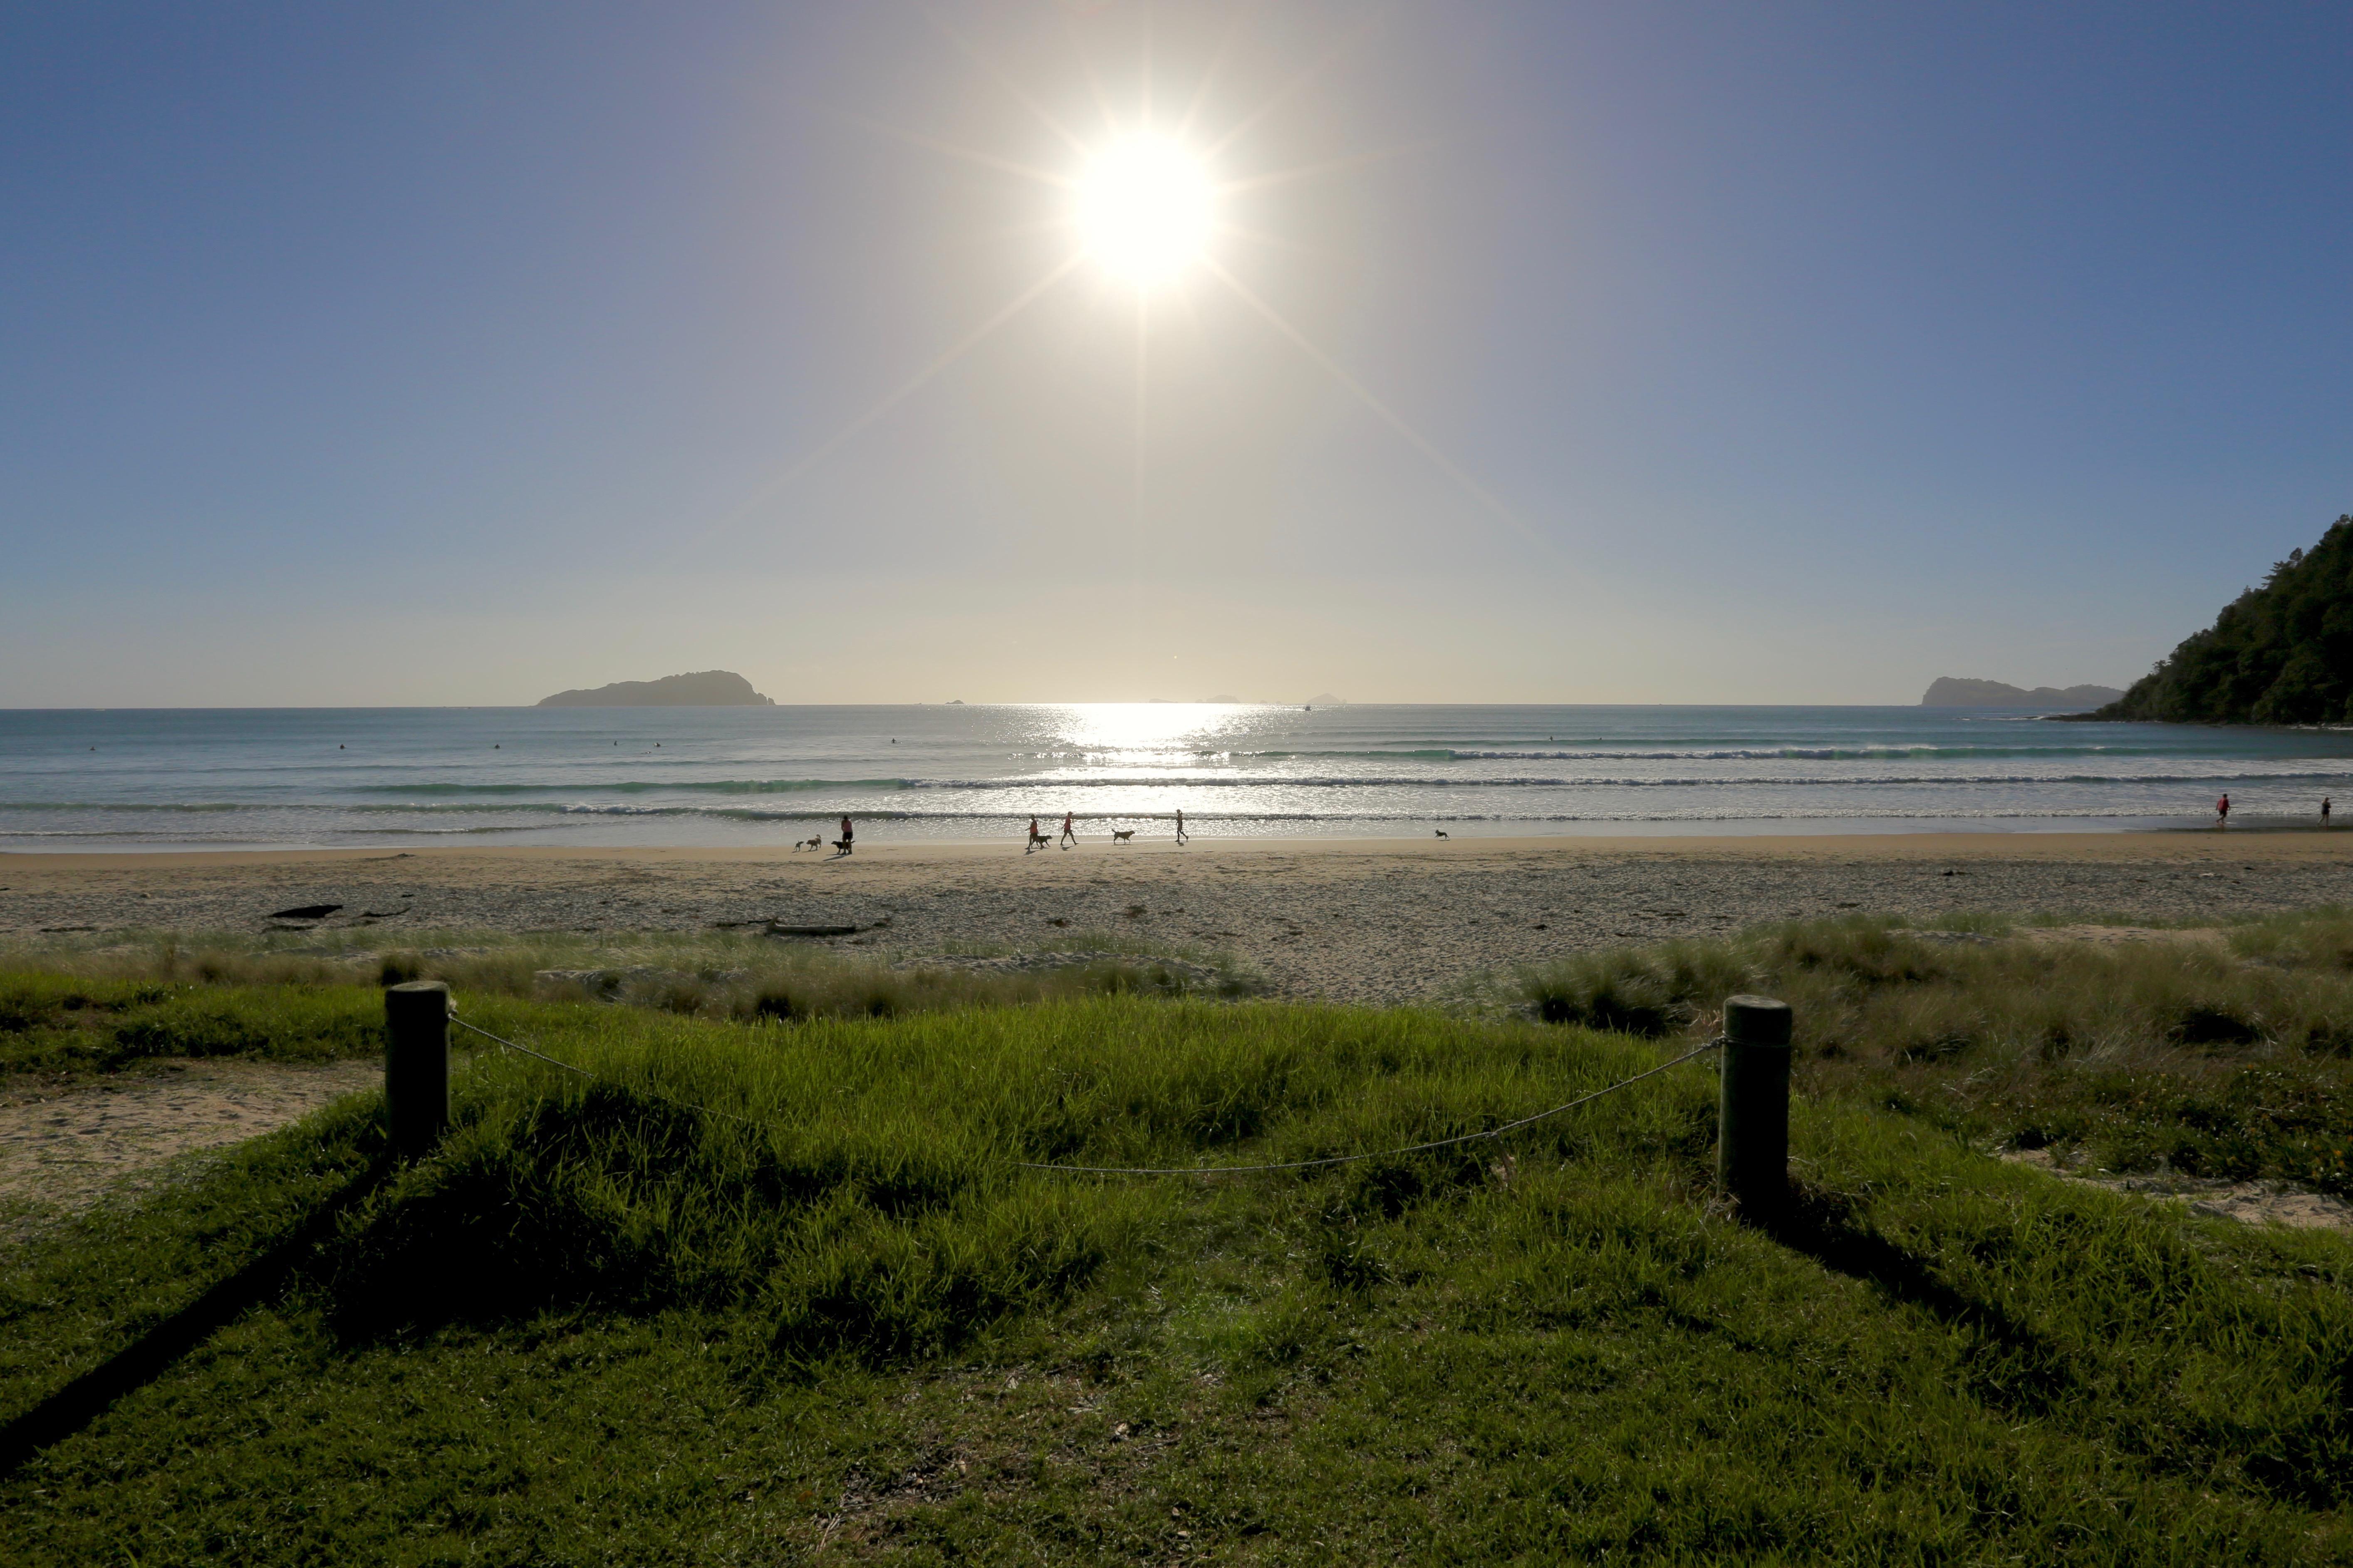 Pauauni beach coromandel photo